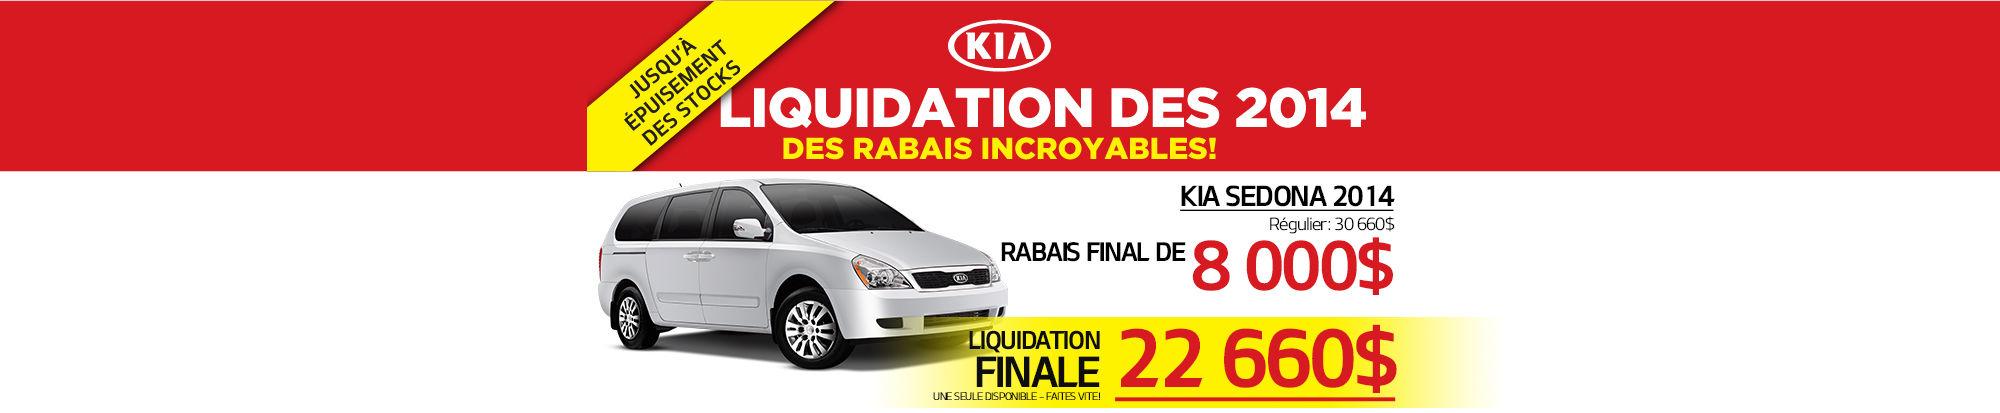 Liquidation de la Kia Header (Copie)